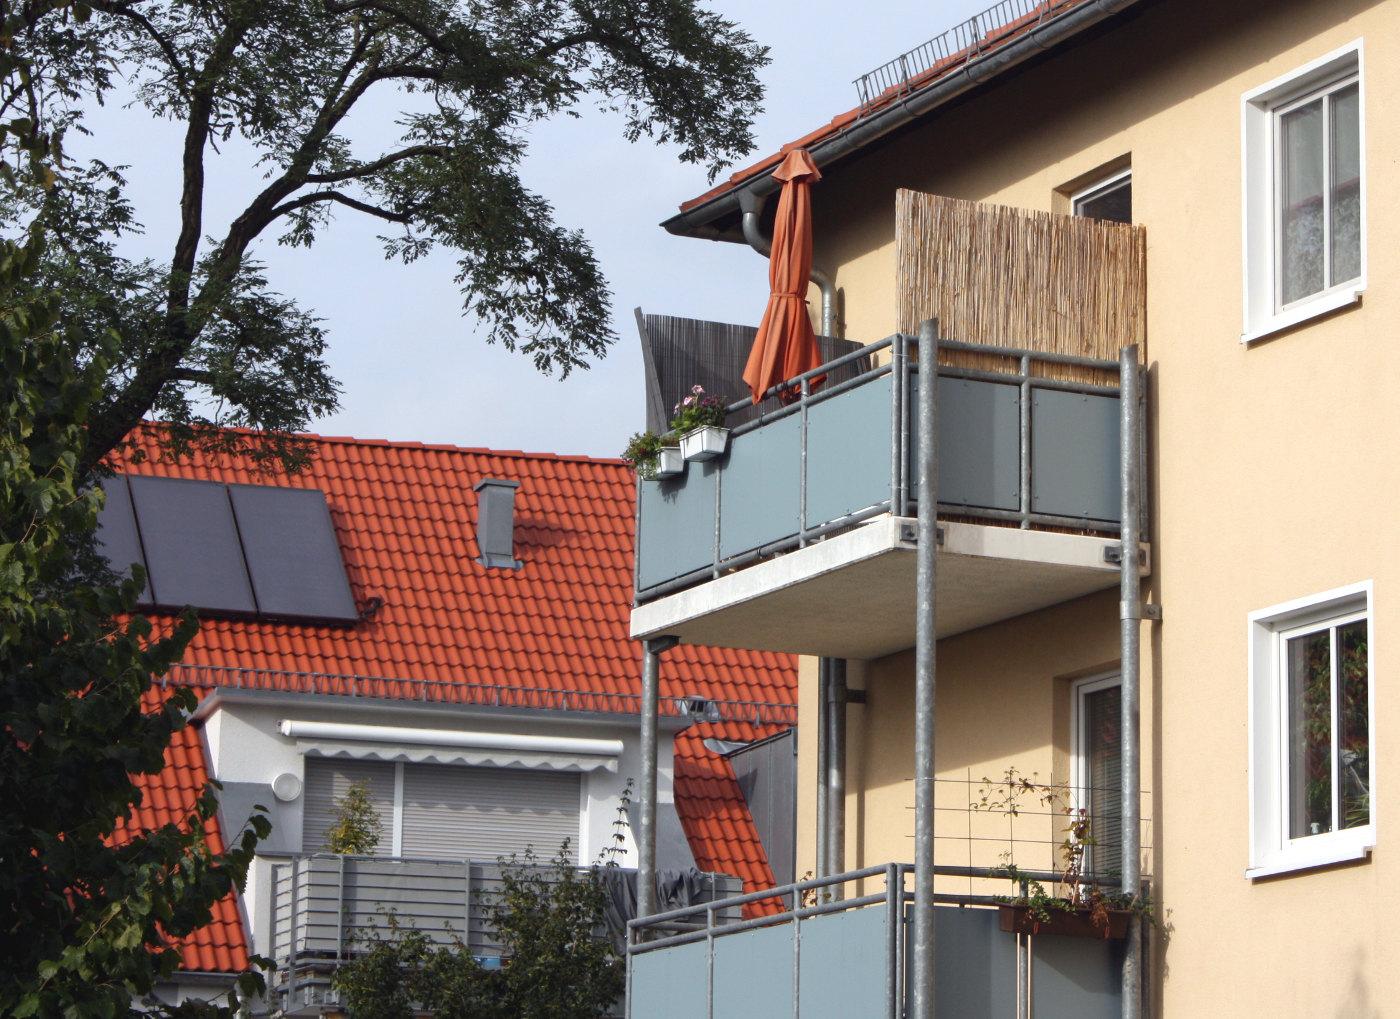 Bambus Als Sichtschutz Mit Naturlichem Ambiente Auf Dem Balkon